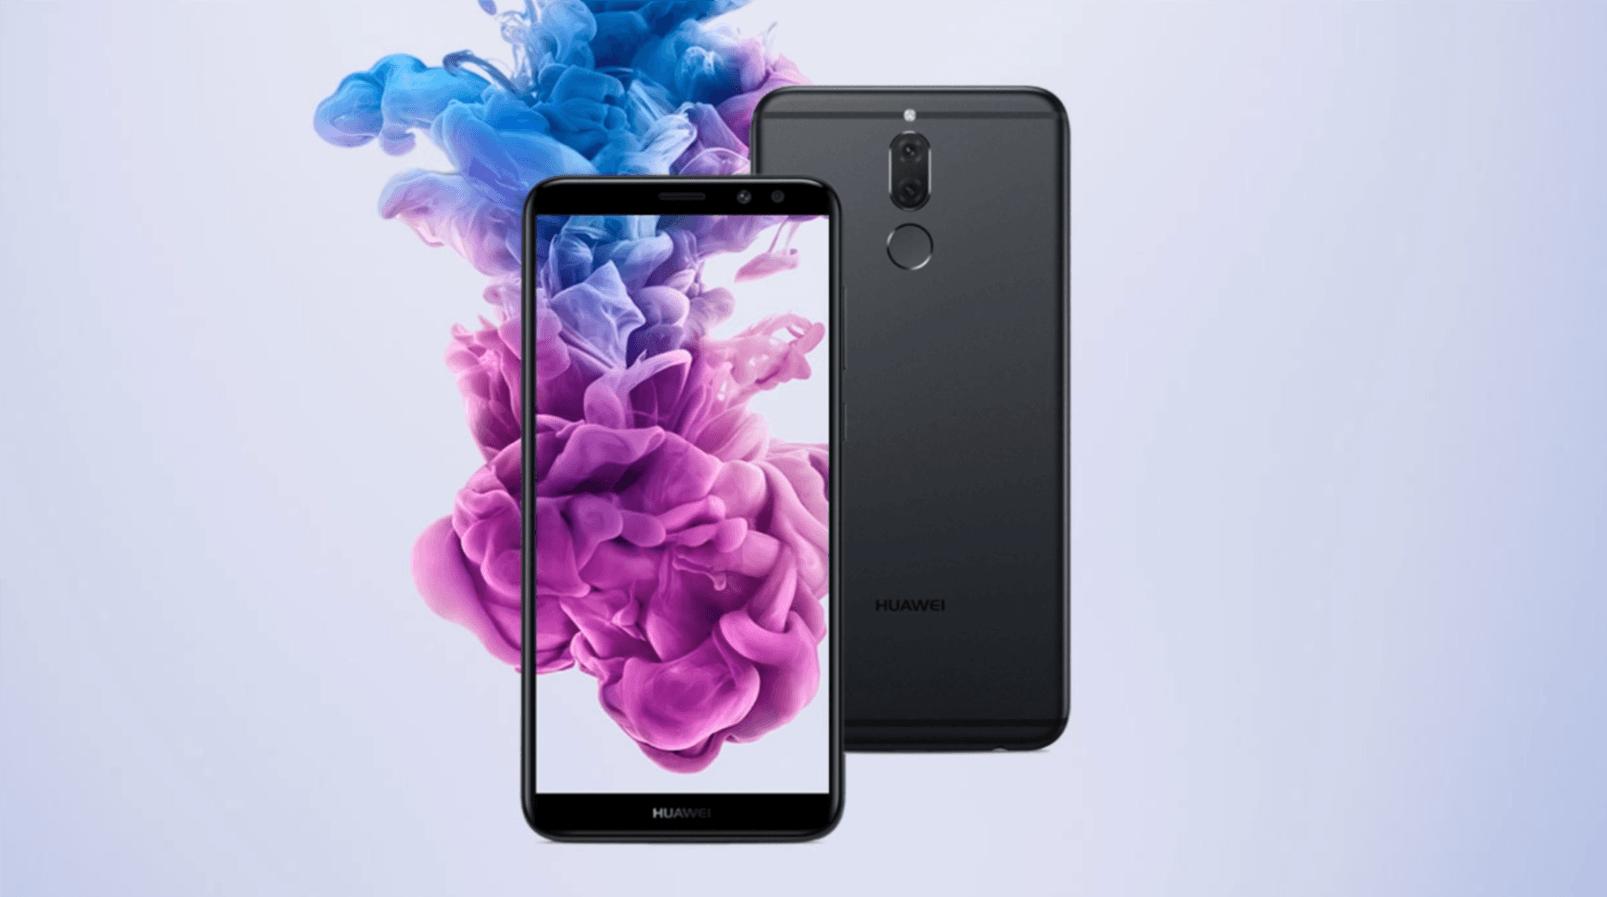 Skoro cena już jest, to proszę - oto cała reszta informacji o Huawei Mate 10 Lite 19